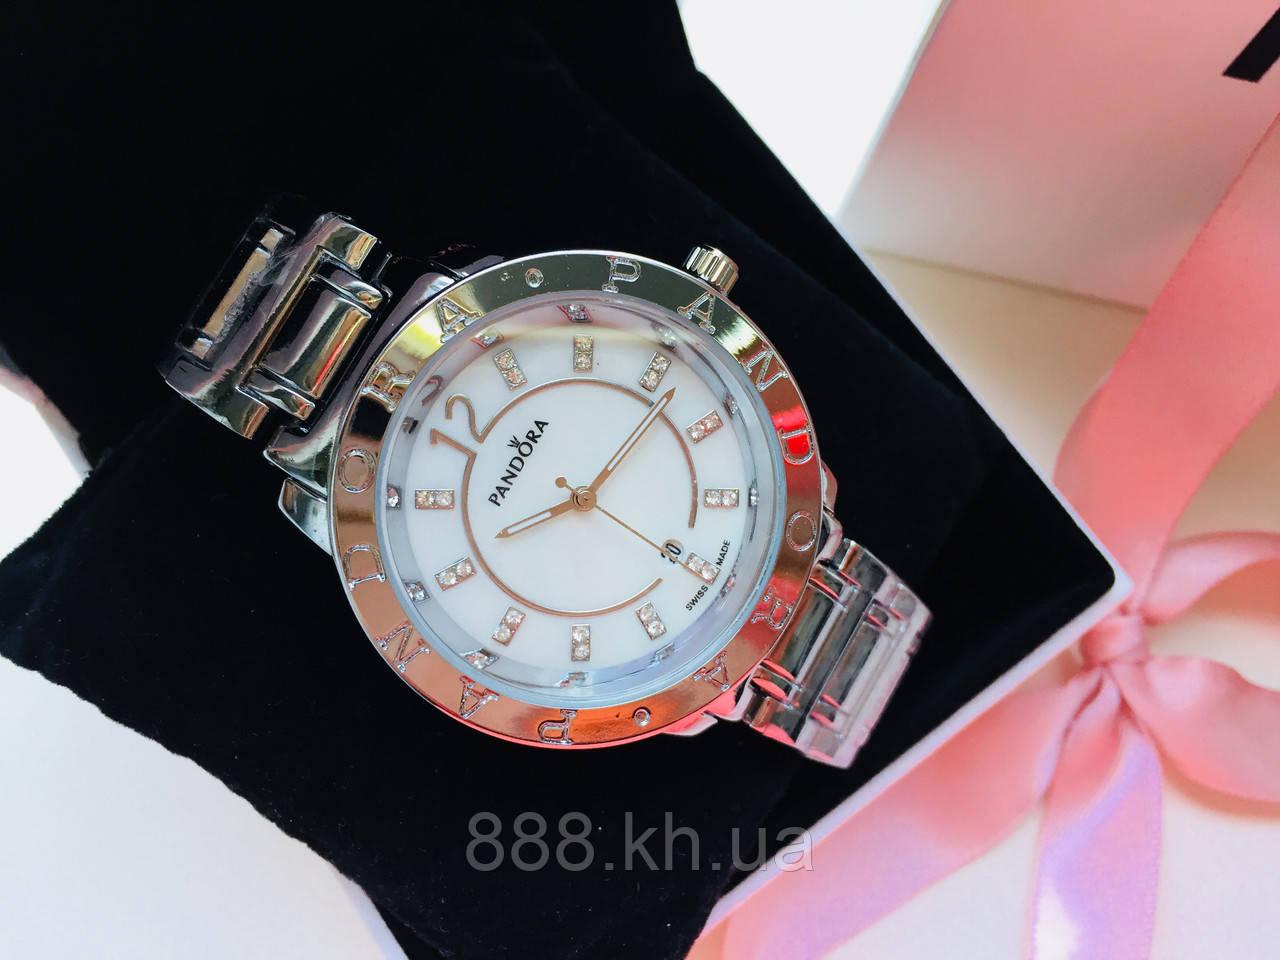 Женские наручные часы Pandora 1705187, стильные часы для девочек